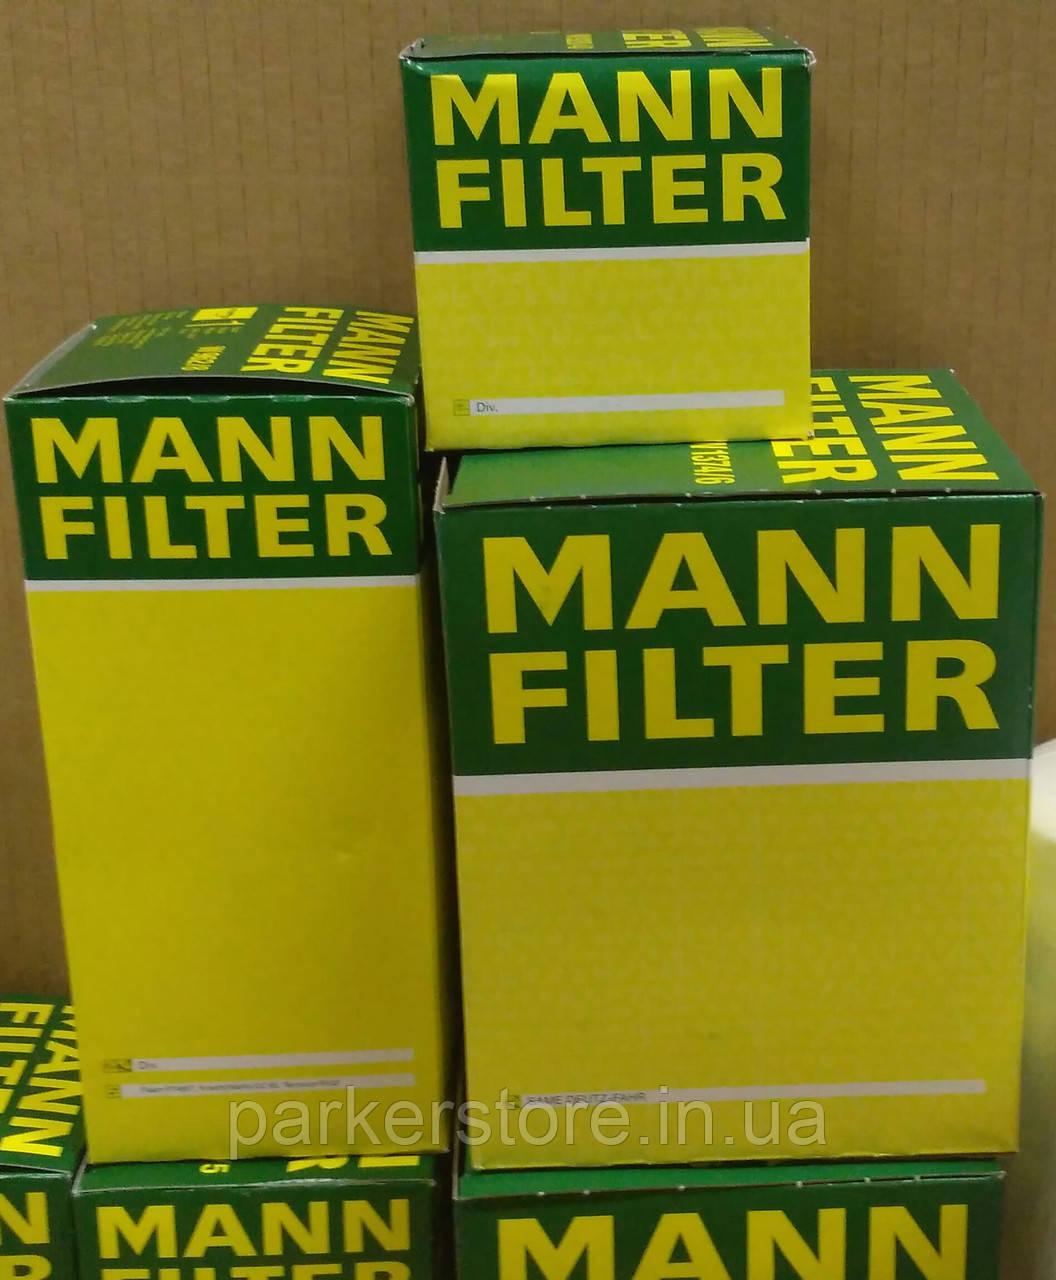 MANN FILTER / Повітряний фільтр / C 2485/2 / C2485/2